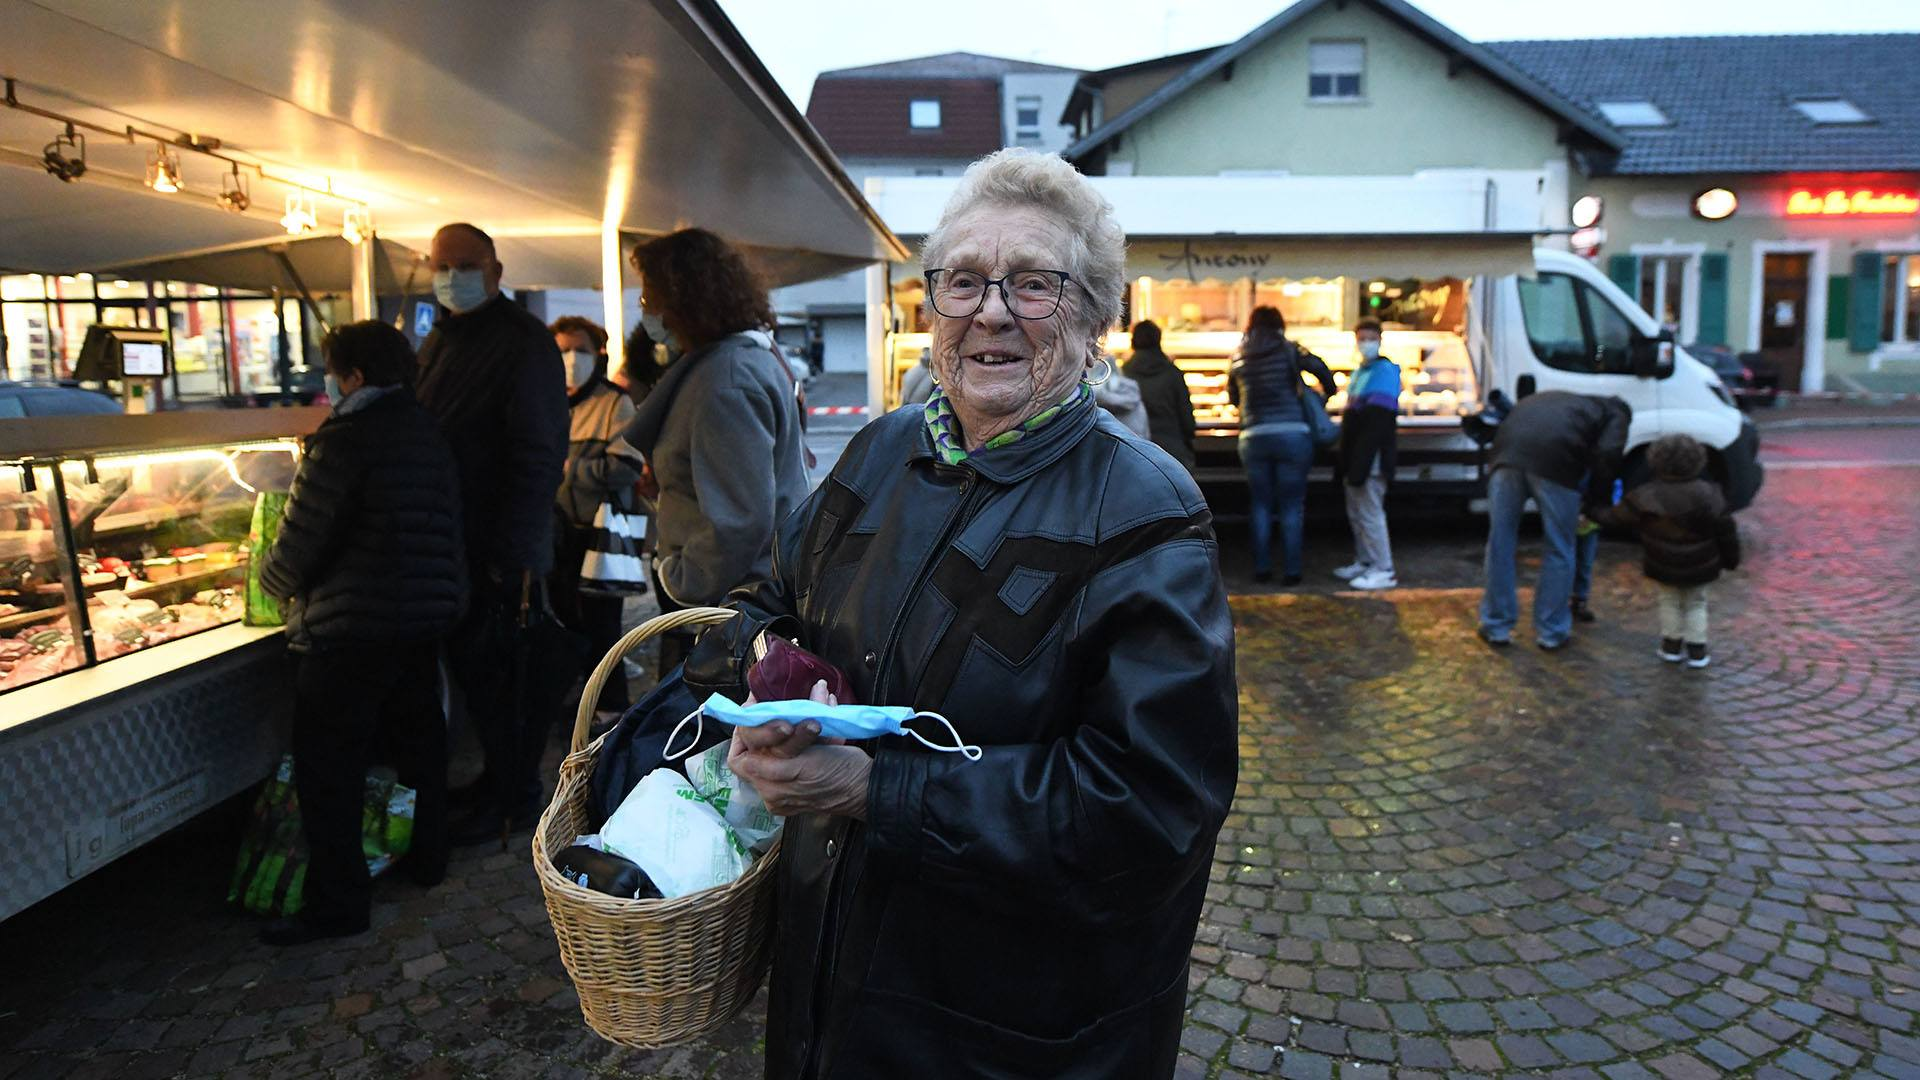 Zillisheim un nouveau marché de producteurs : Jacqueline a le sourire avec son panier rempli de produits locaux